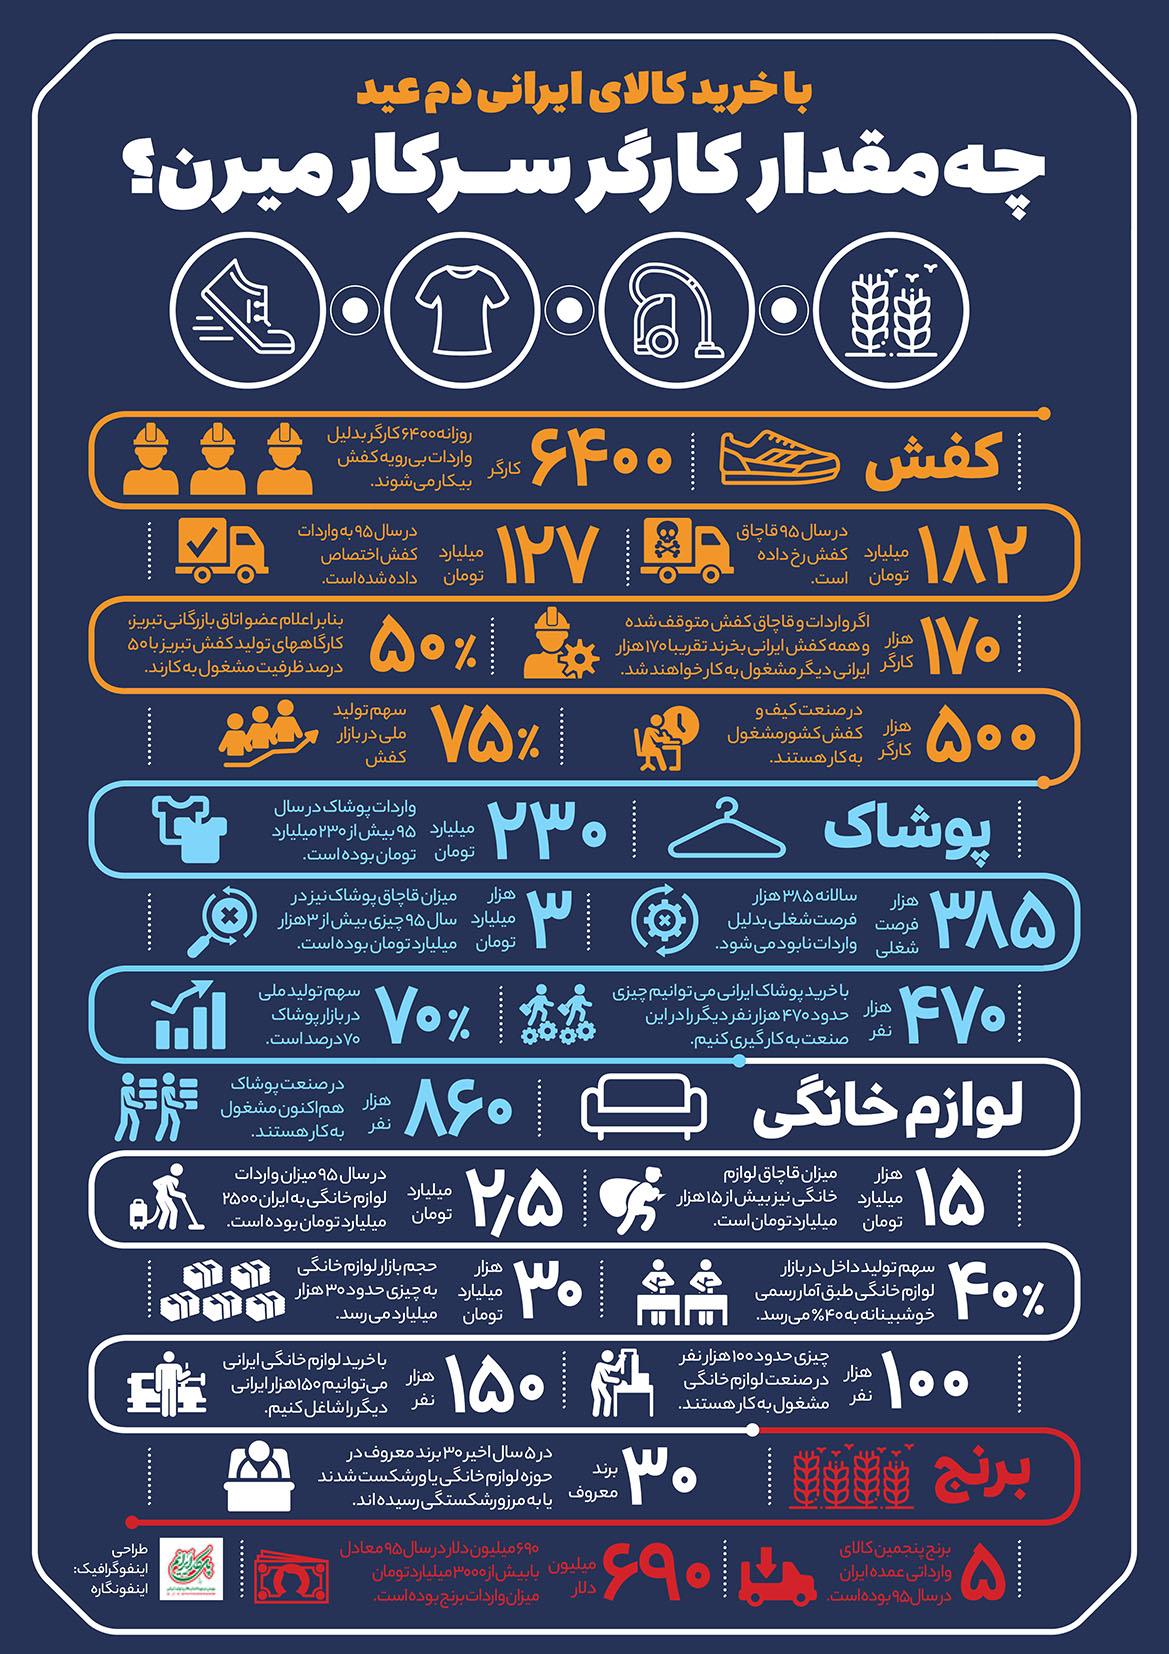 خرید کالای ایرانی چه میزان موجب ایجاد اشتغال میشود؟ + اینفوگرافیک